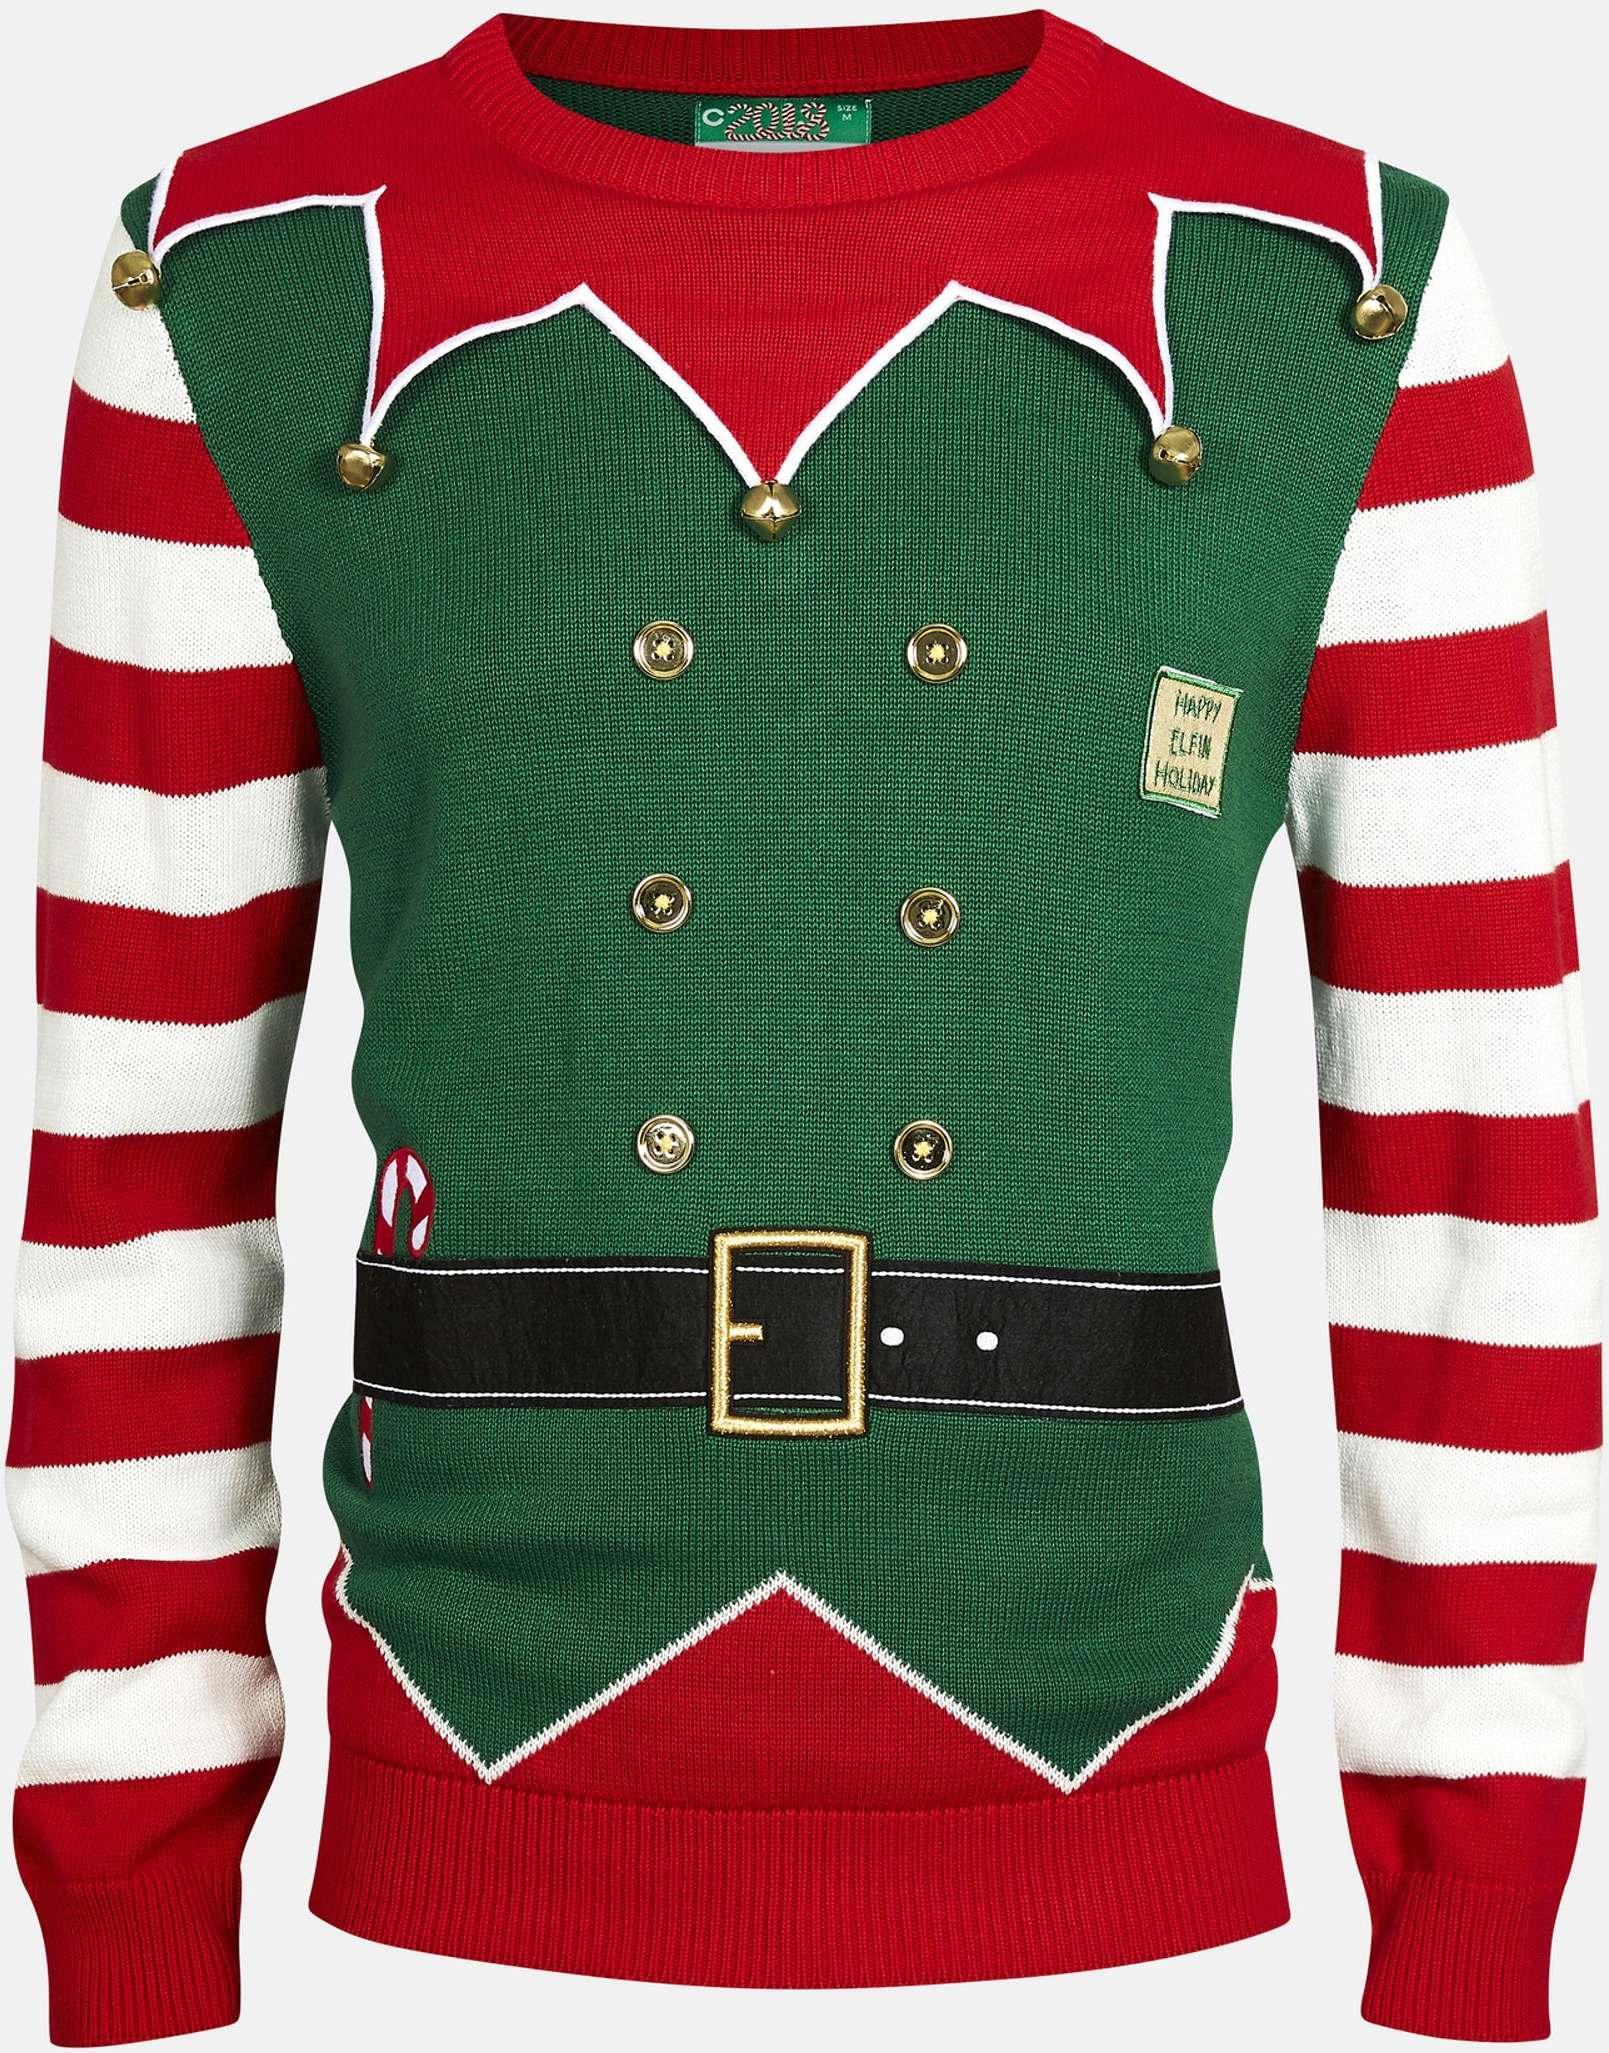 31c62fca Best pris på Cubus Grønn julegenser (Herre) - Se priser før kjøp i  Prisguiden